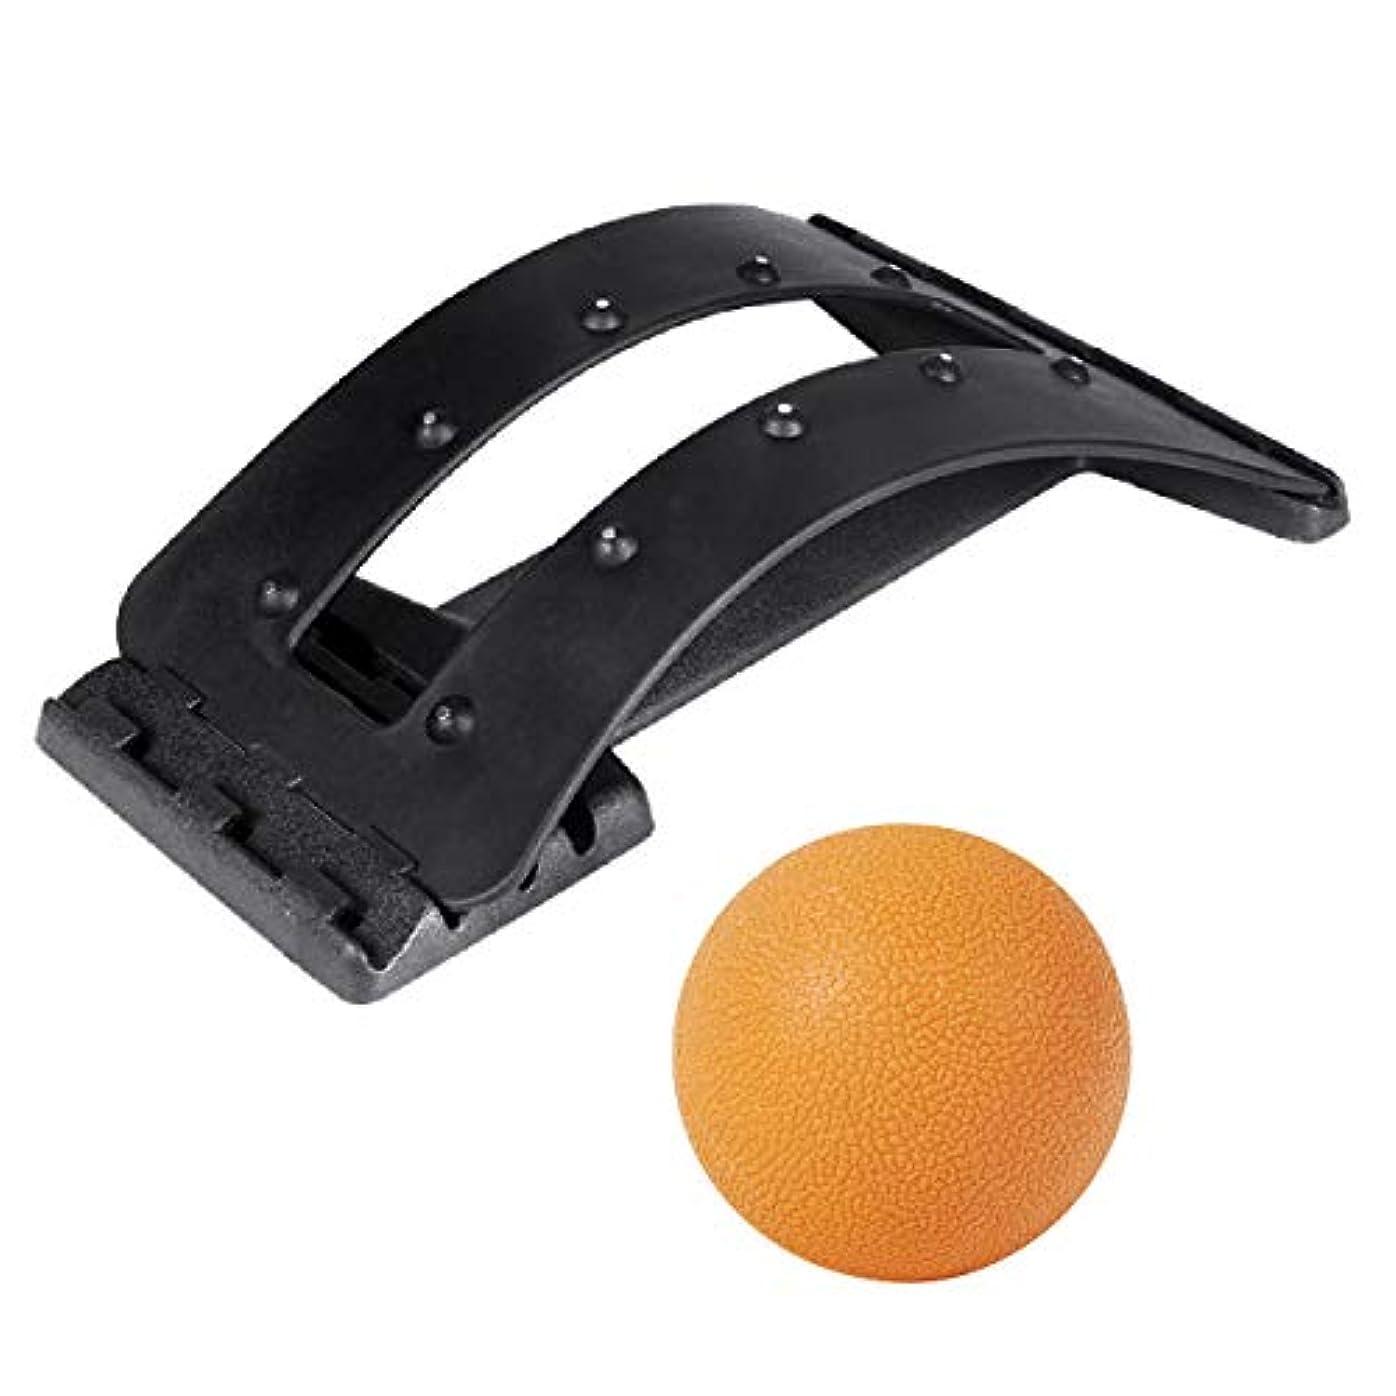 犯す中庭印象的sac taske 背中 ストレッチ マッサージ ツボ押し ボード 背筋 腰痛対策 猫背 姿勢 矯正 (マッサージボール付き)